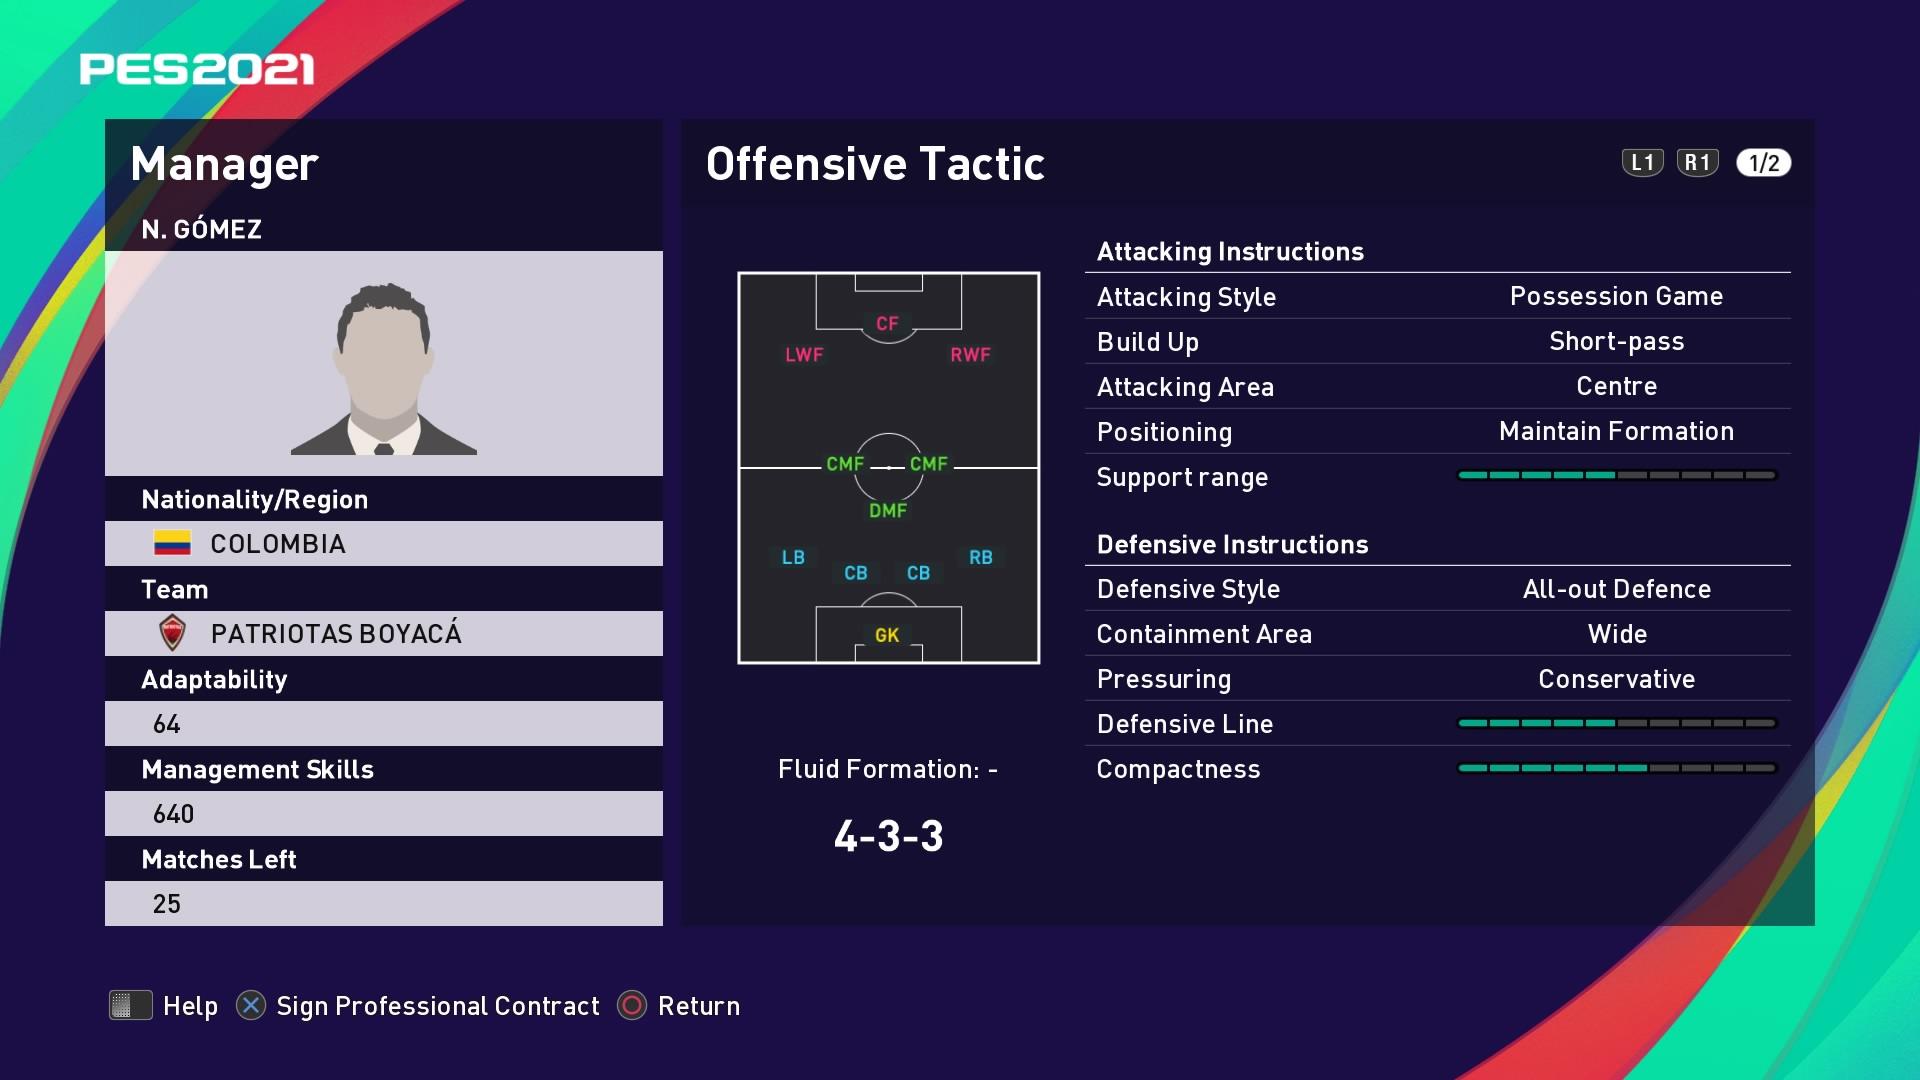 N. Gómez (Nelson Gómez) Offensive Tactic in PES 2021 myClub